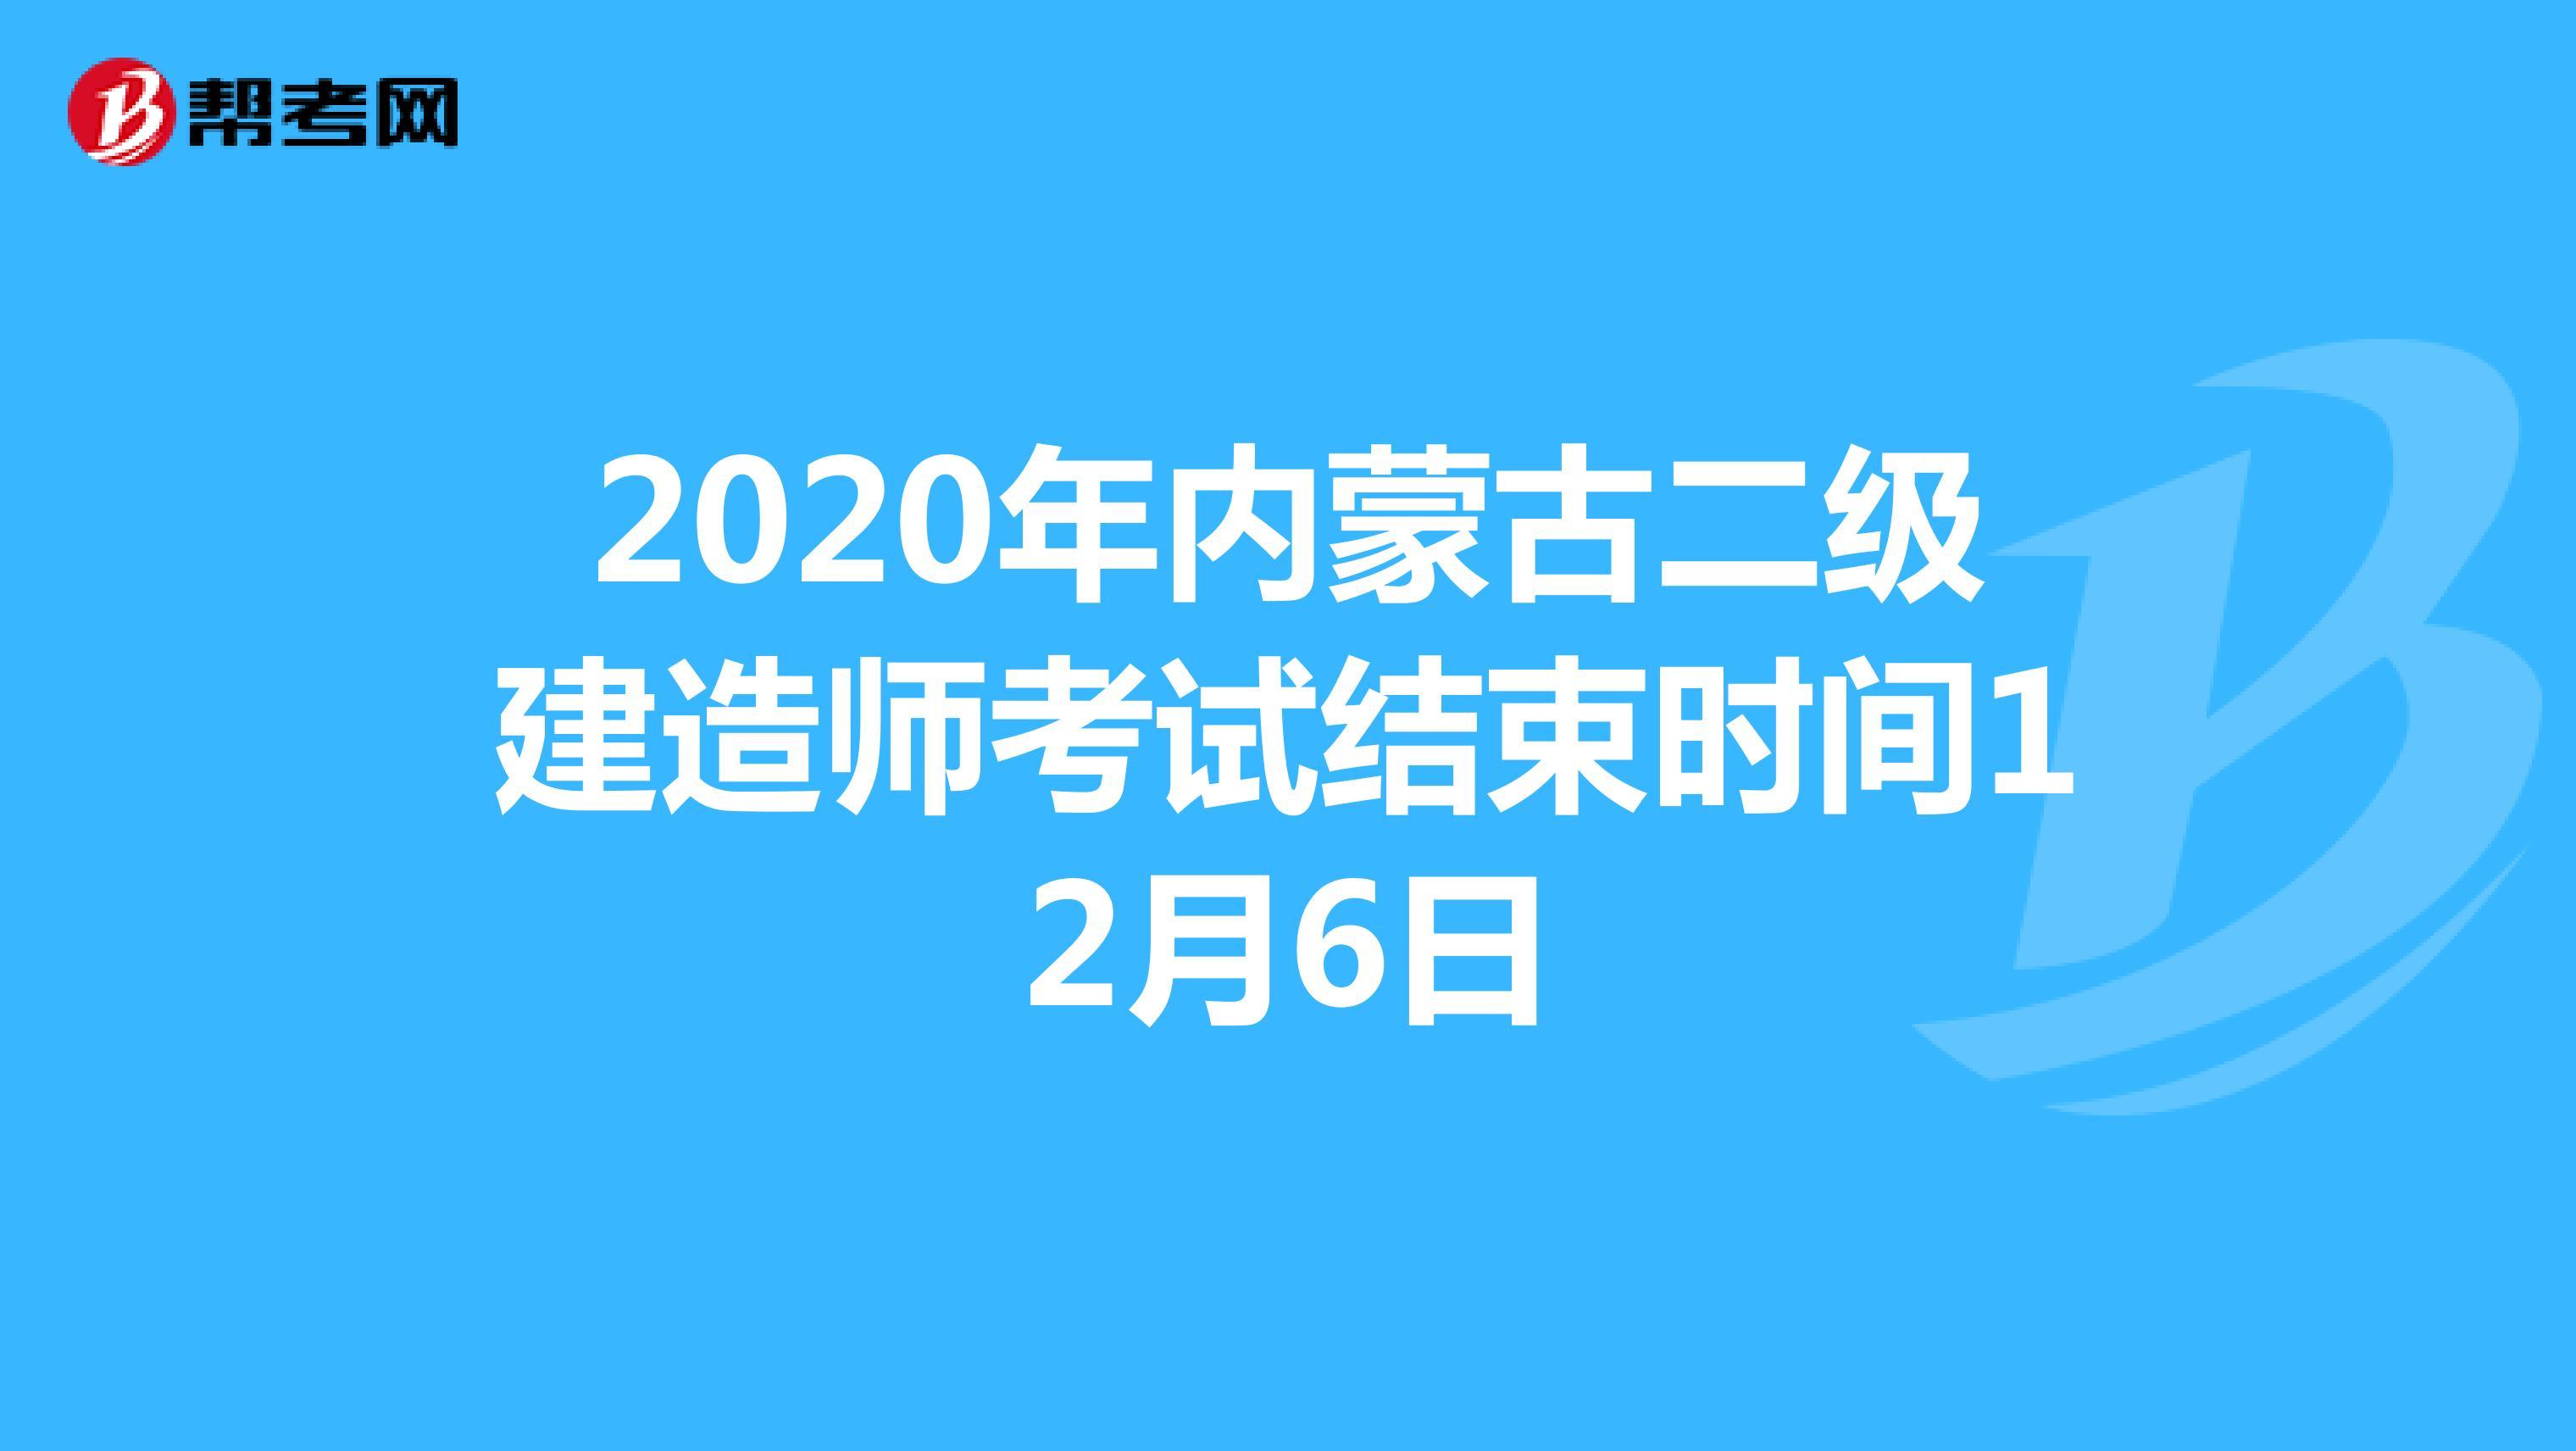 2020年内蒙古二级建造师考试结束时间12月6日